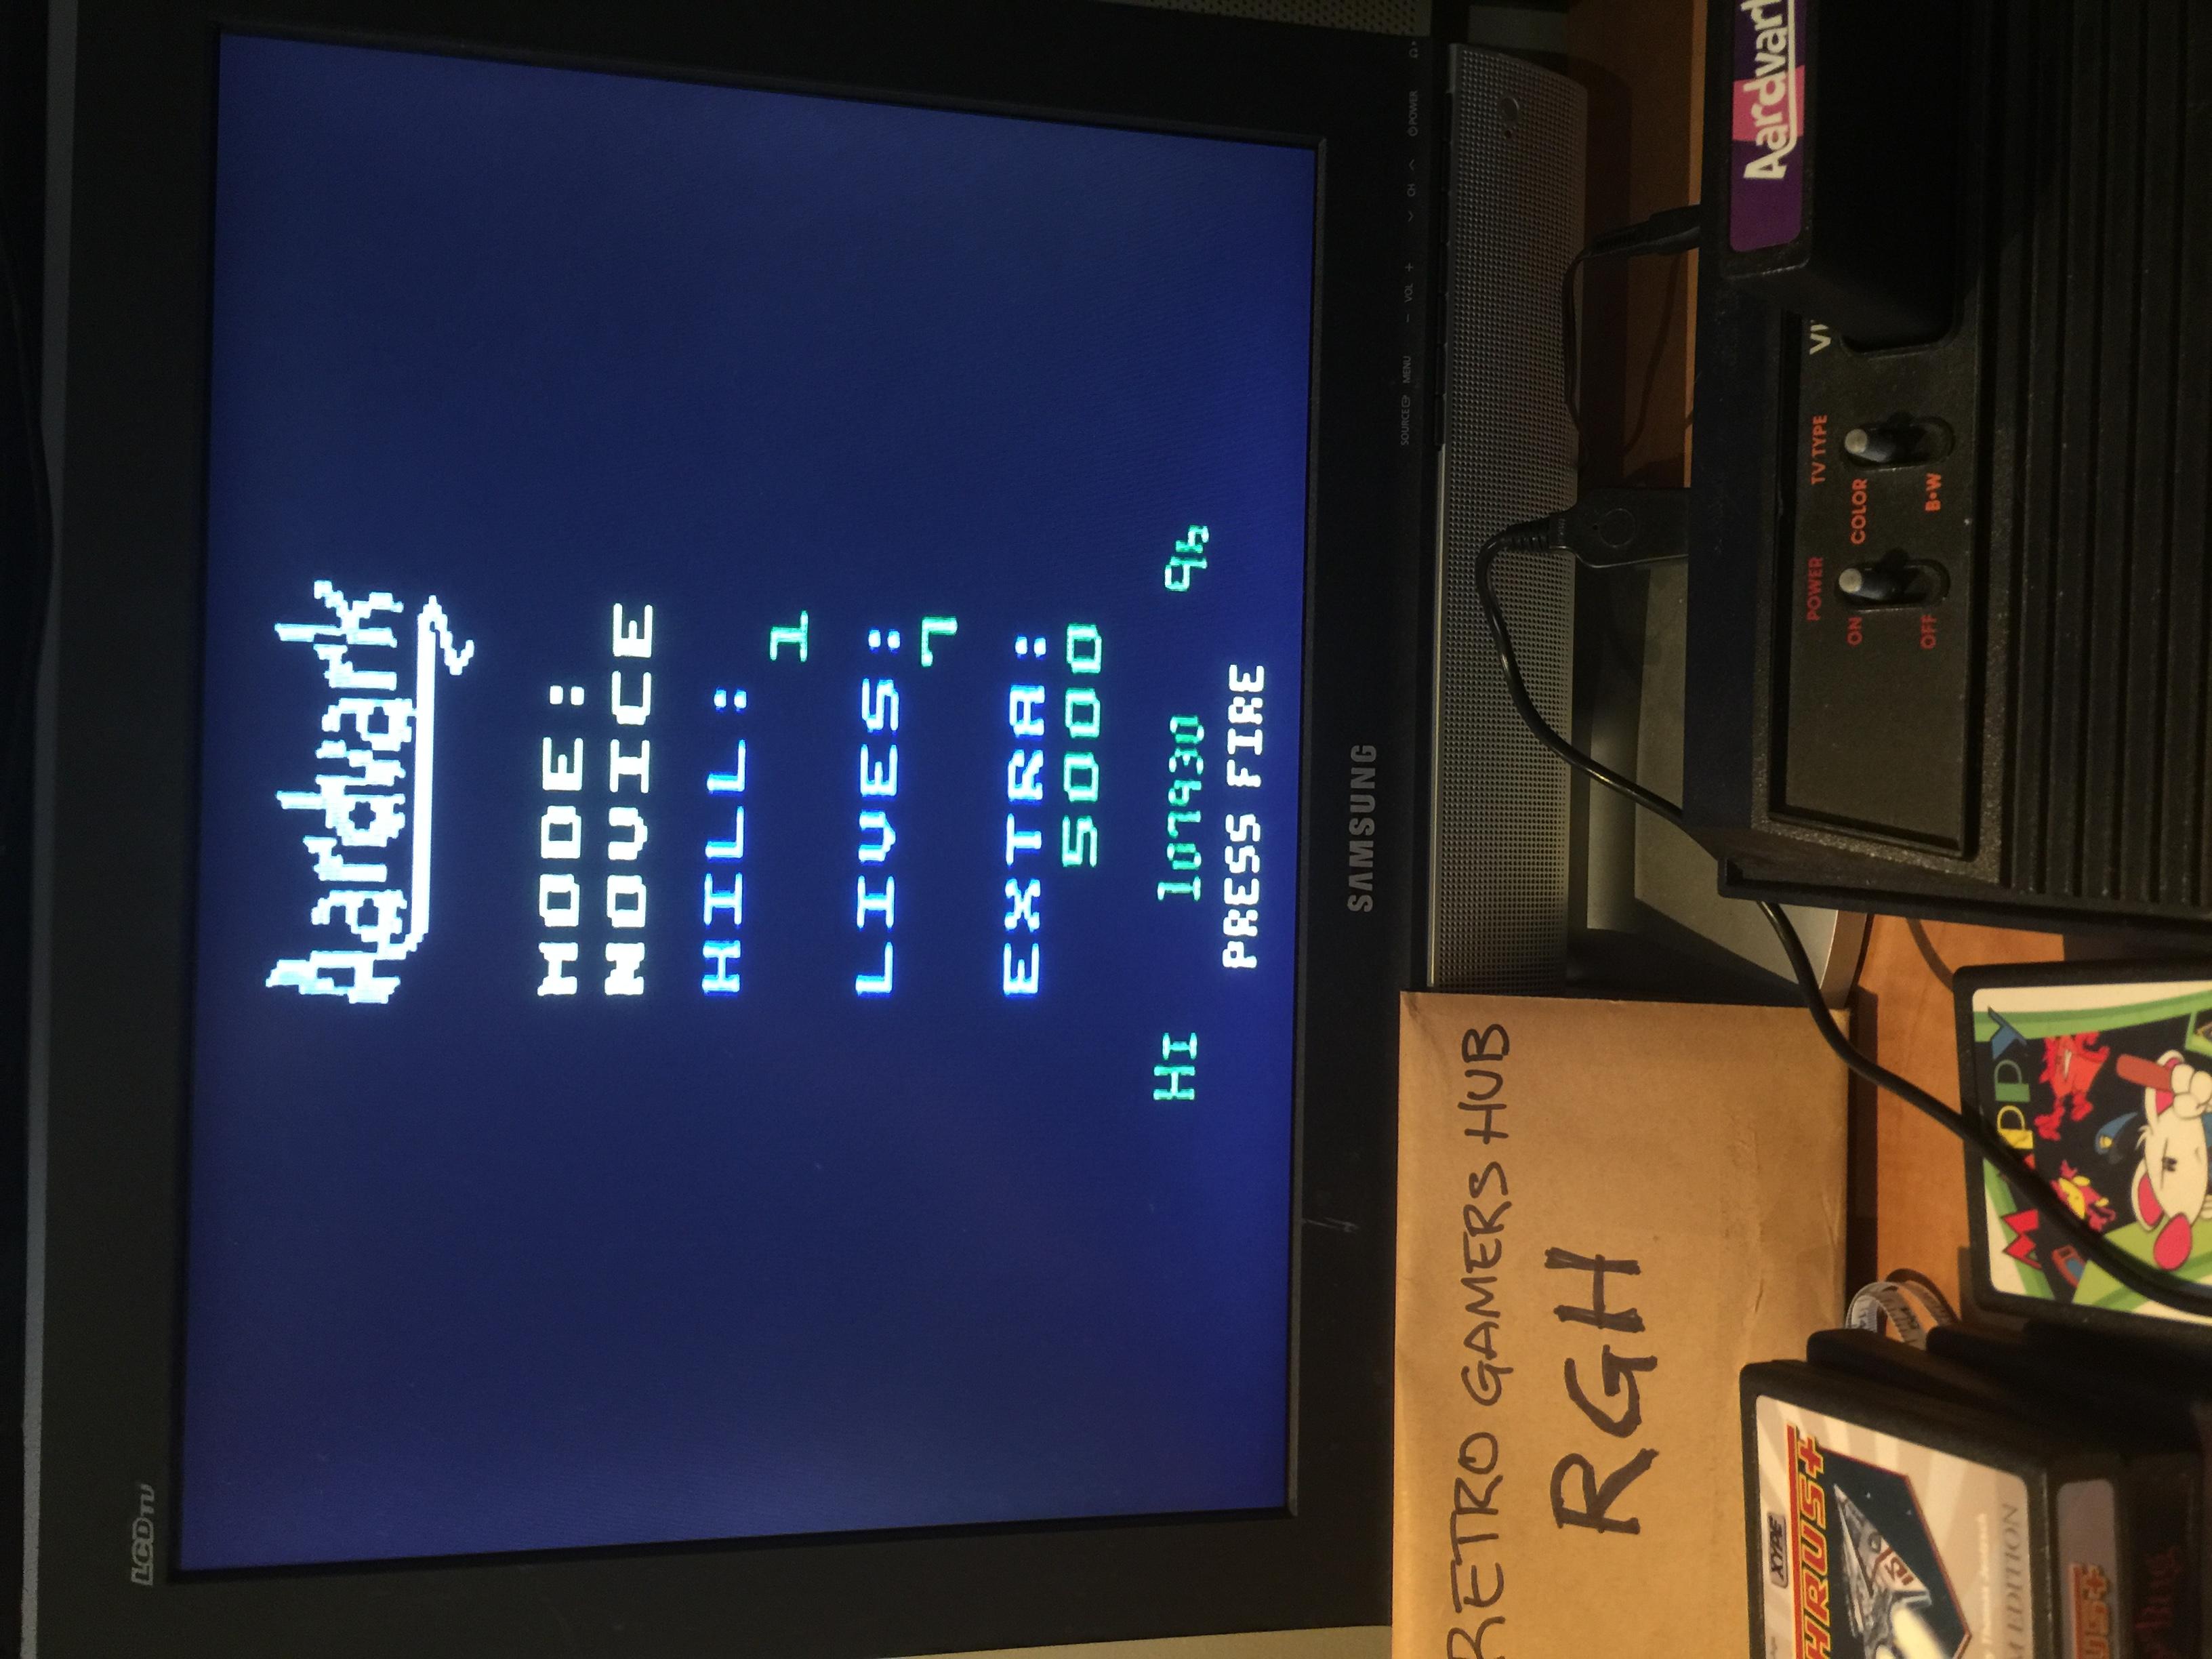 RetroGamersHub: Aardvark [Novice] (Atari 2600) 1,107,930 points on 2020-06-07 17:57:48